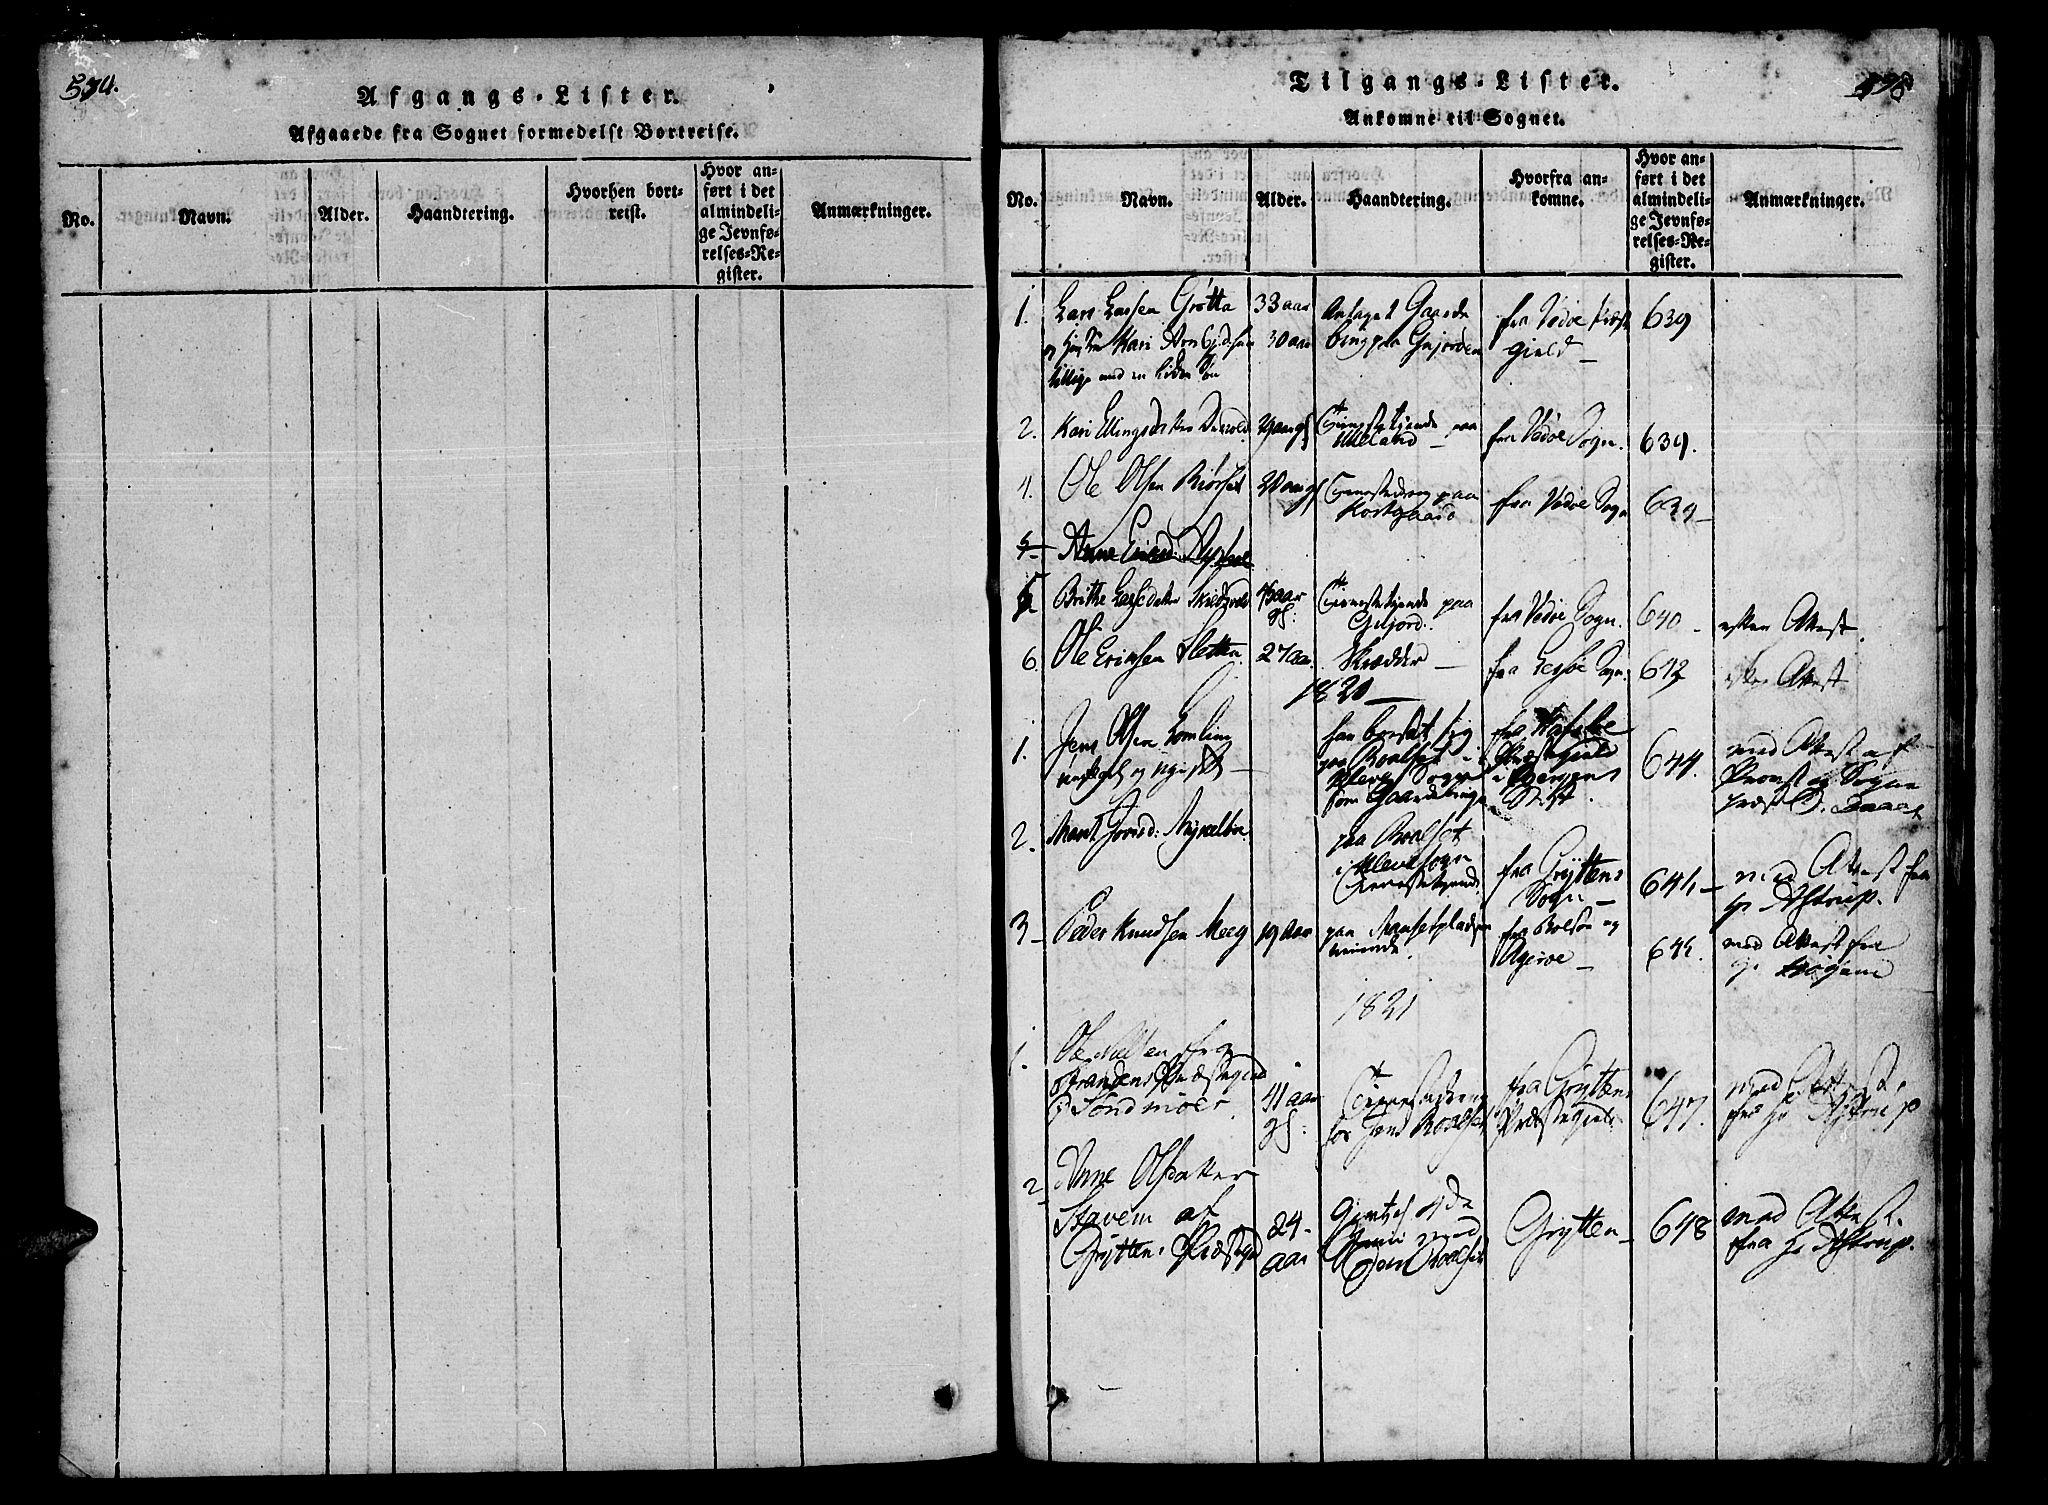 SAT, Ministerialprotokoller, klokkerbøker og fødselsregistre - Møre og Romsdal, 557/L0679: Parish register (official) no. 557A01, 1818-1843, p. 594-595